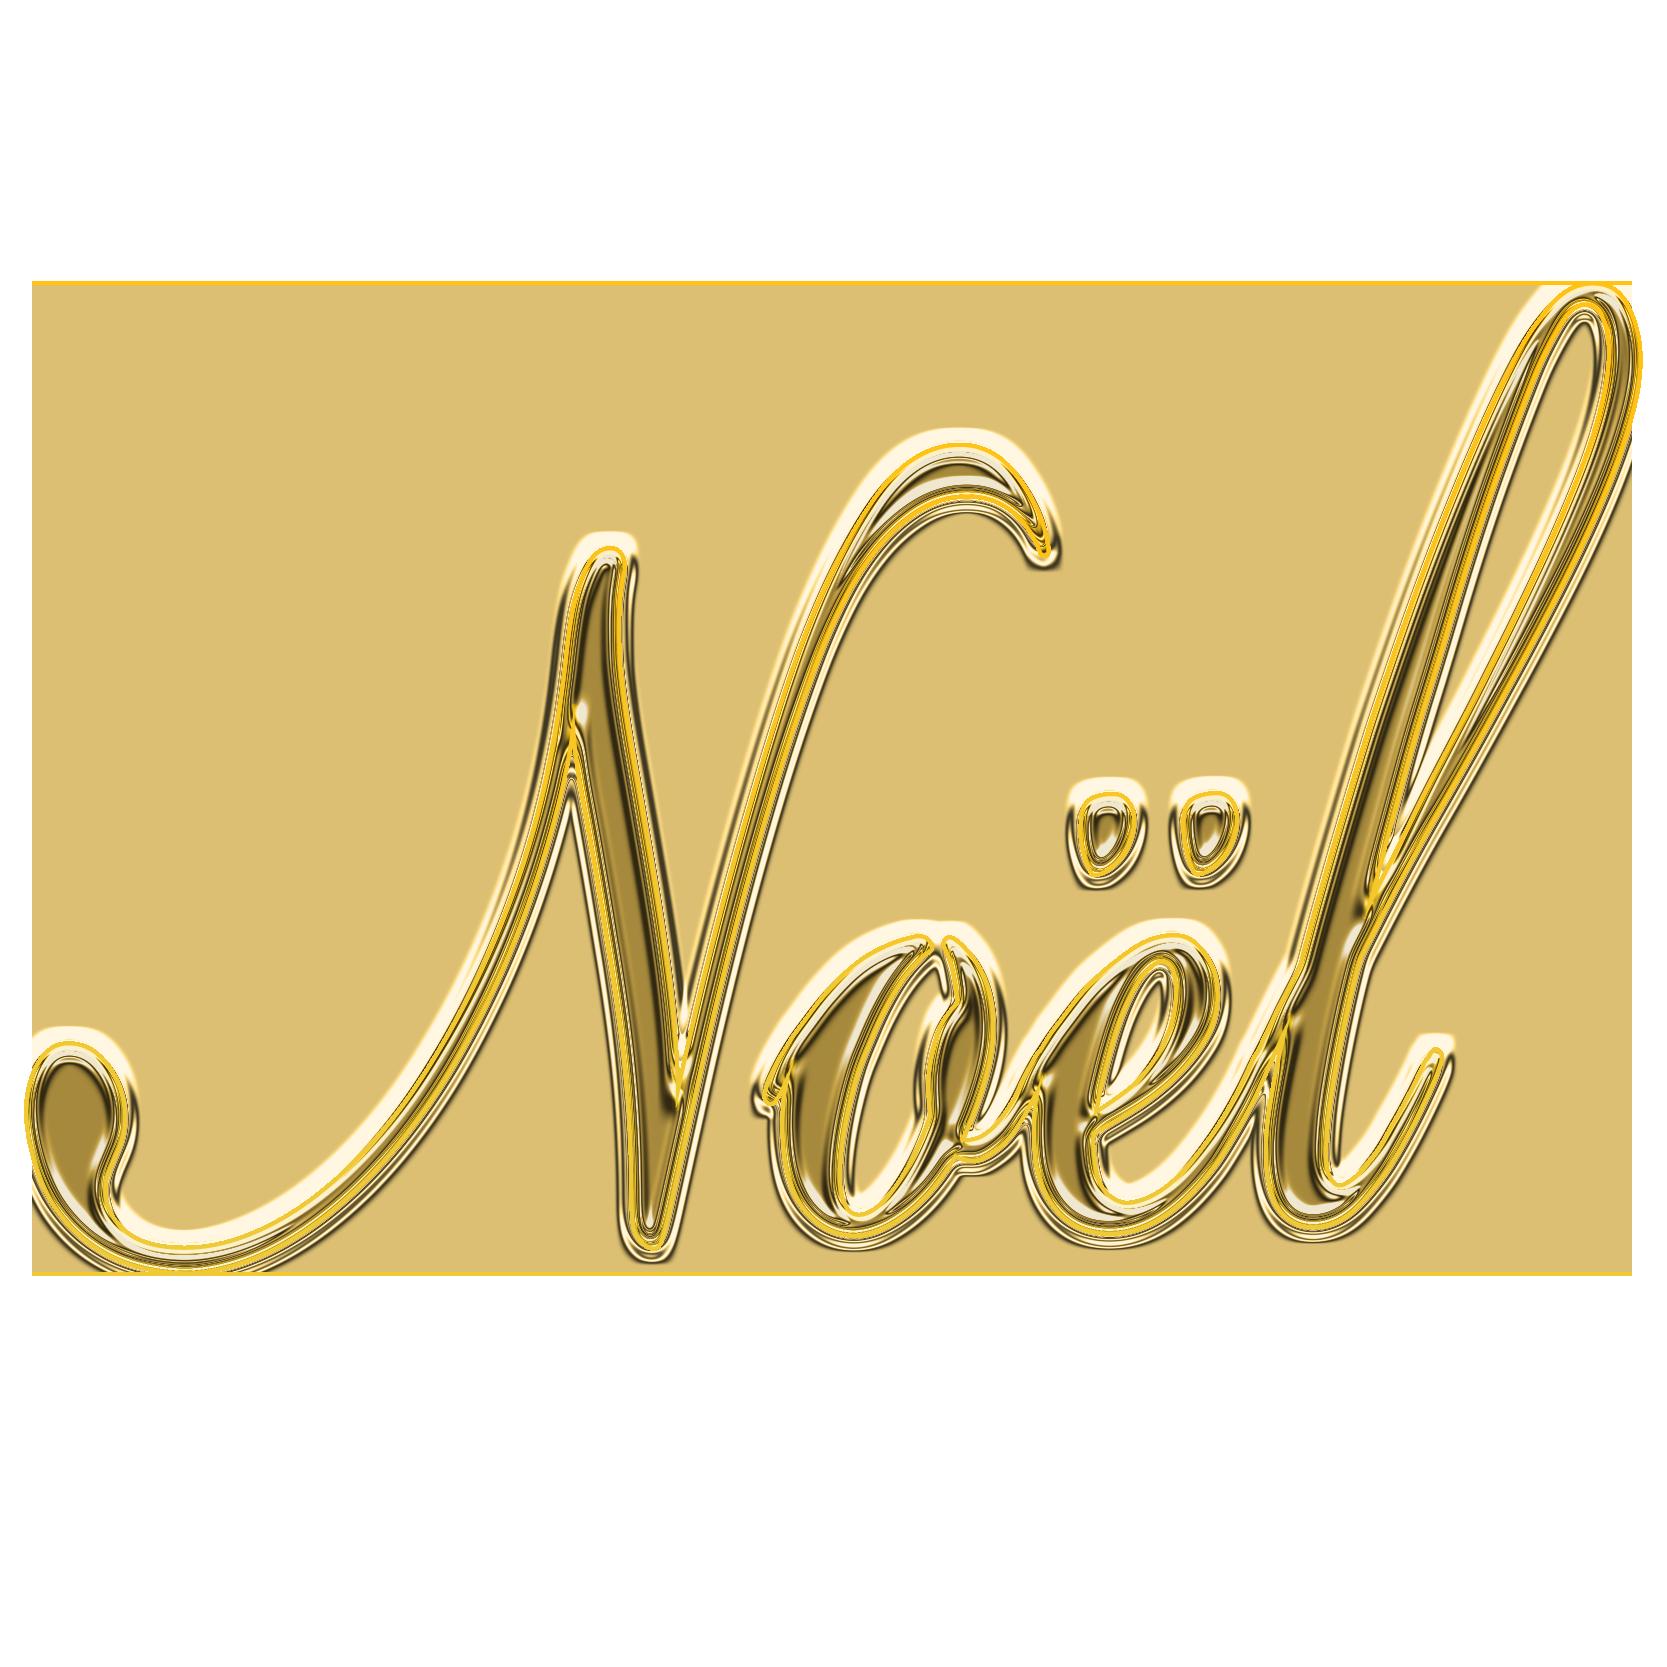 商用フリー・無料イラスト_クリスマス_ノエル(noel)文字